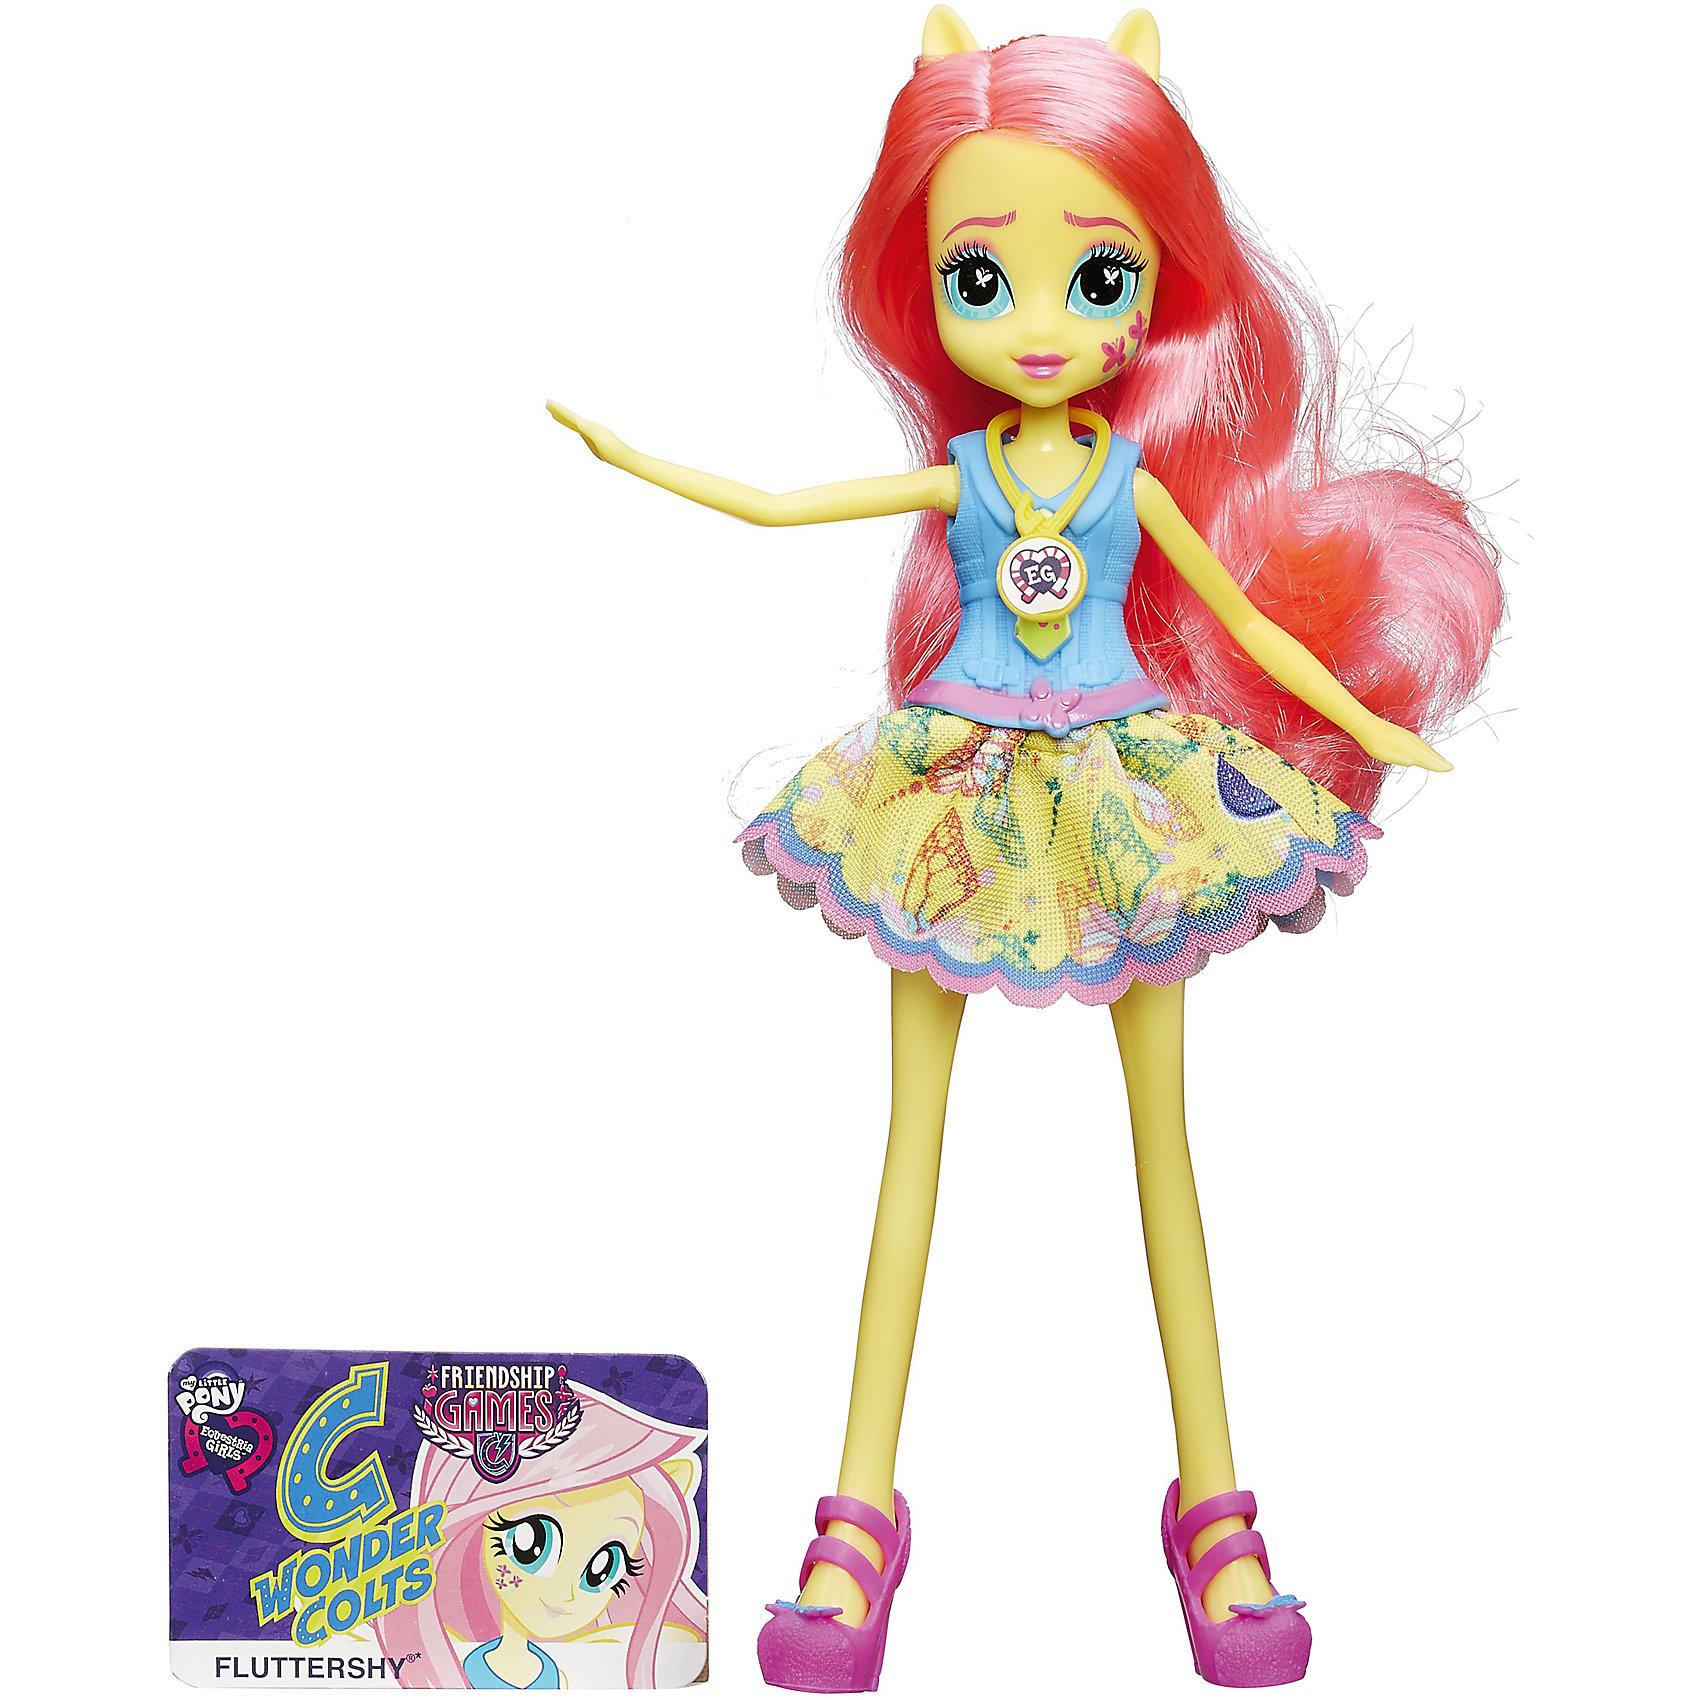 Кукла Вондерколт, Эквестрия Герлз, B1769/B2017Кукла Вондерколт, Эквестрия Герлз (Equestria Girls):<br><br>Характеристики:<br><br>- возраст: от 5 лет<br>- герой: мои маленькие пони / my little pony<br>- пол: для девочек<br>- комплект: кукла, карточка.<br>- материал: пластик, текстиль.<br>- размер упаковки: 5 * 15 * 30 см.<br>- размер игрушки: 22 см.<br>- упаковка: картонная коробка блистерного типа.<br>- страна обладатель бренда: США.<br><br>Кукла Equestria Girls (Эквестрия Герлз) Fluttershy (Флатершай) из коллекции Школьный дух торговой марки представлена в ежедневном образе ученицы школы Кантерлот Хай. Девушка Эквестрии по имени Fluttershy носит очень нарядную и красивую школьную форму. Она состоит из голубой рубашечки с желтым галстуком и из пышной желтой юбки, которая украшена бабочками. Под форму отлично подобраны аккуратные розовые туфли. Все части наряда съемные, верхняя часть выполнена из пластика, а юбка текстильная.<br>У куклы Флатершай Friendship Games двигаются ручки и ножки, шарниры в локтях и коленях отсутствуют. Как и у героини в мультфильме, у этой девушки-пони пышные розовые волосы. Их можно расчесывать, делать прически, чтобы милашка Флатти стала еще красивее.<br>Сюрприз ждет всех тех, у кого на мобильном устройстве есть приложение Equestria Girls. С помощью него можно будет отсканировать специальный штрих-код на медальоне куклы, и тогда в виртуальном мире игры откроются новые возможности. Еще в наборе есть именная карточка куклы.<br><br>Куклу Equestria Girls (Эквестрия Герлз) Fluttershy (Флатершай) торговой марки Hasbro (Хасбо) можно купить в нашем интернет-магазине<br><br>Ширина мм: 150<br>Глубина мм: 300<br>Высота мм: 50<br>Вес г: 500<br>Возраст от месяцев: 60<br>Возраст до месяцев: 144<br>Пол: Женский<br>Возраст: Детский<br>SKU: 5064155